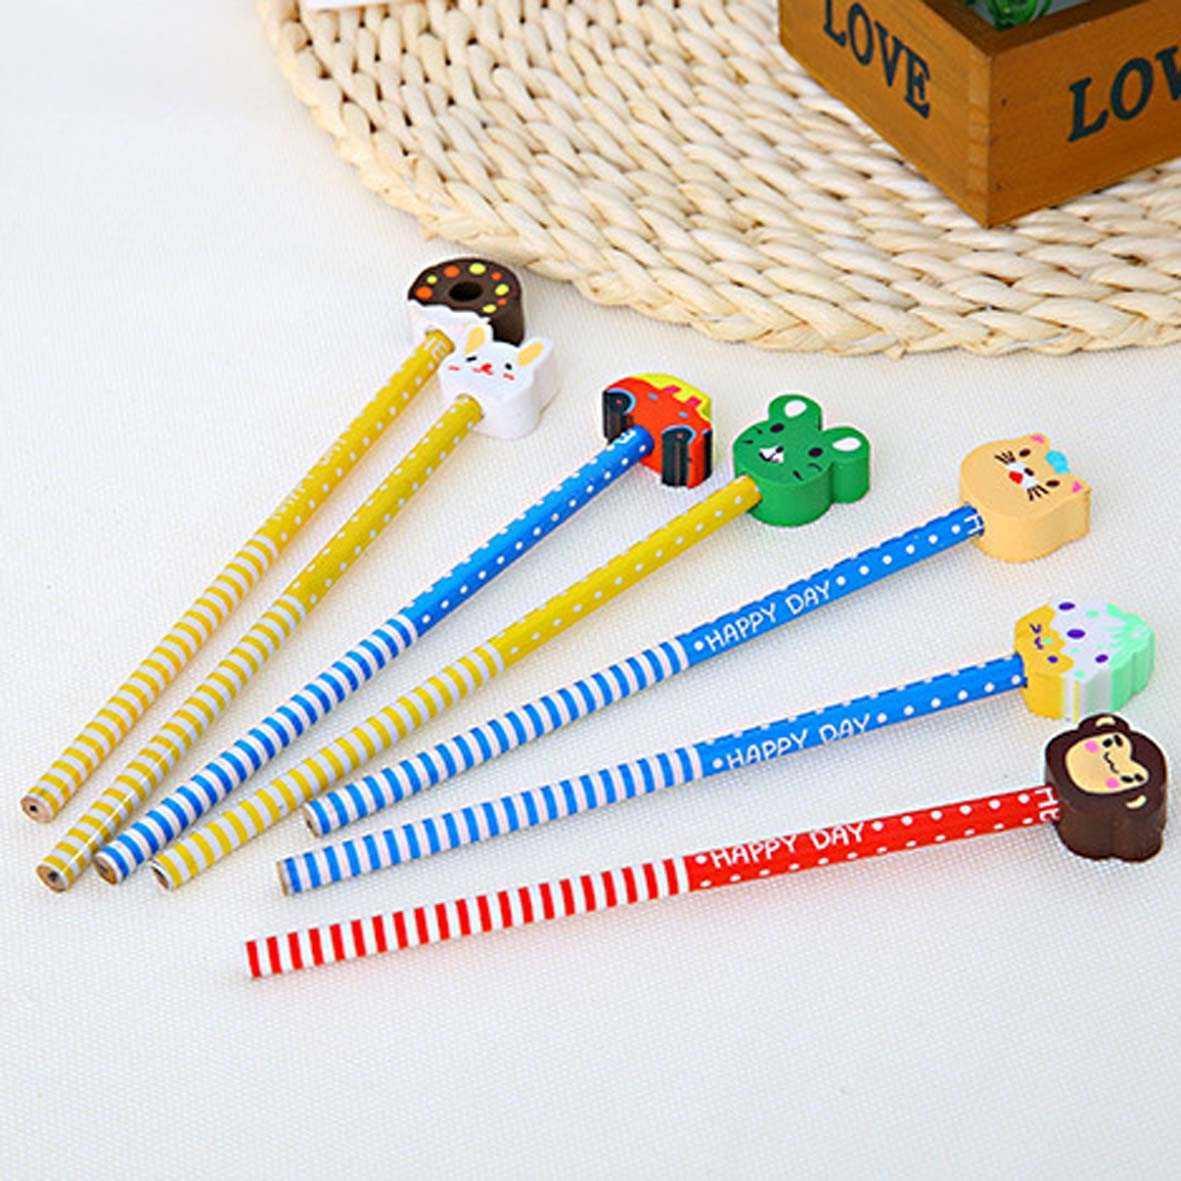 pensil kartun dengan penghapus rubber sets of pencil spe029   Office